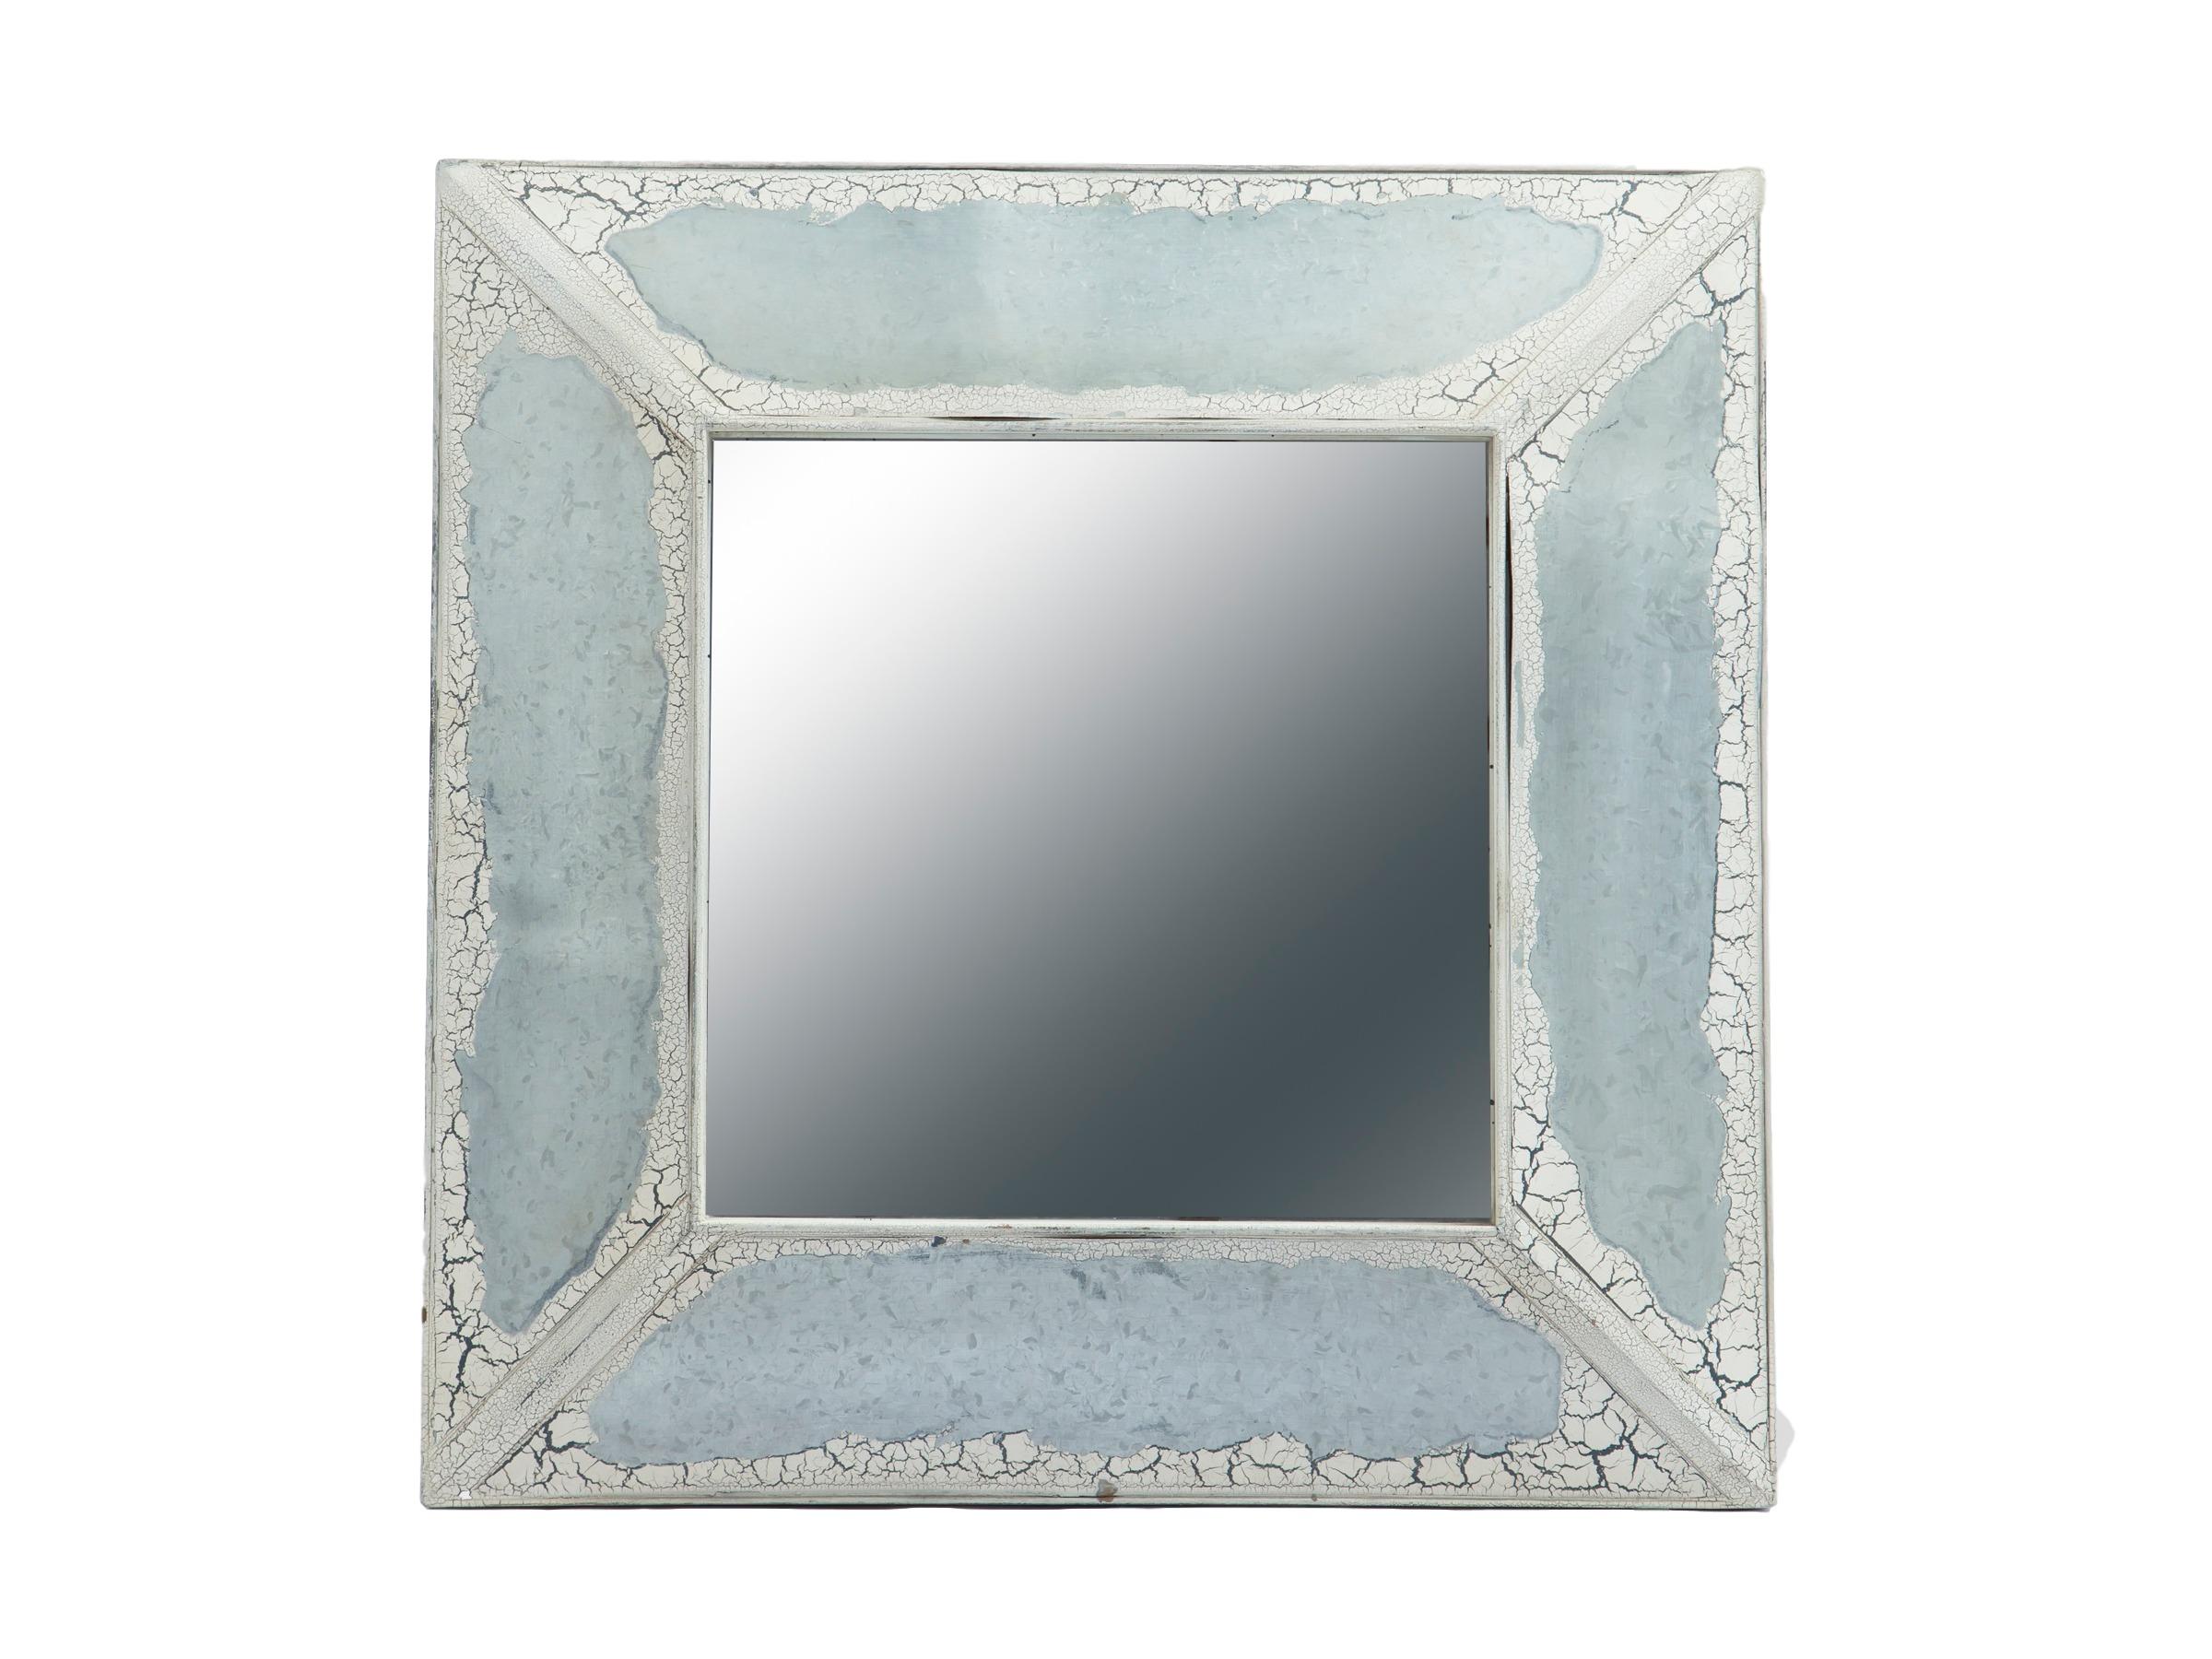 ЗеркалоНастенные зеркала<br>Квадратное зеркало в раме,украшенный вставками из состаренного металла .<br><br>Material: Дерево<br>Width см: 81<br>Depth см: 8<br>Height см: 81